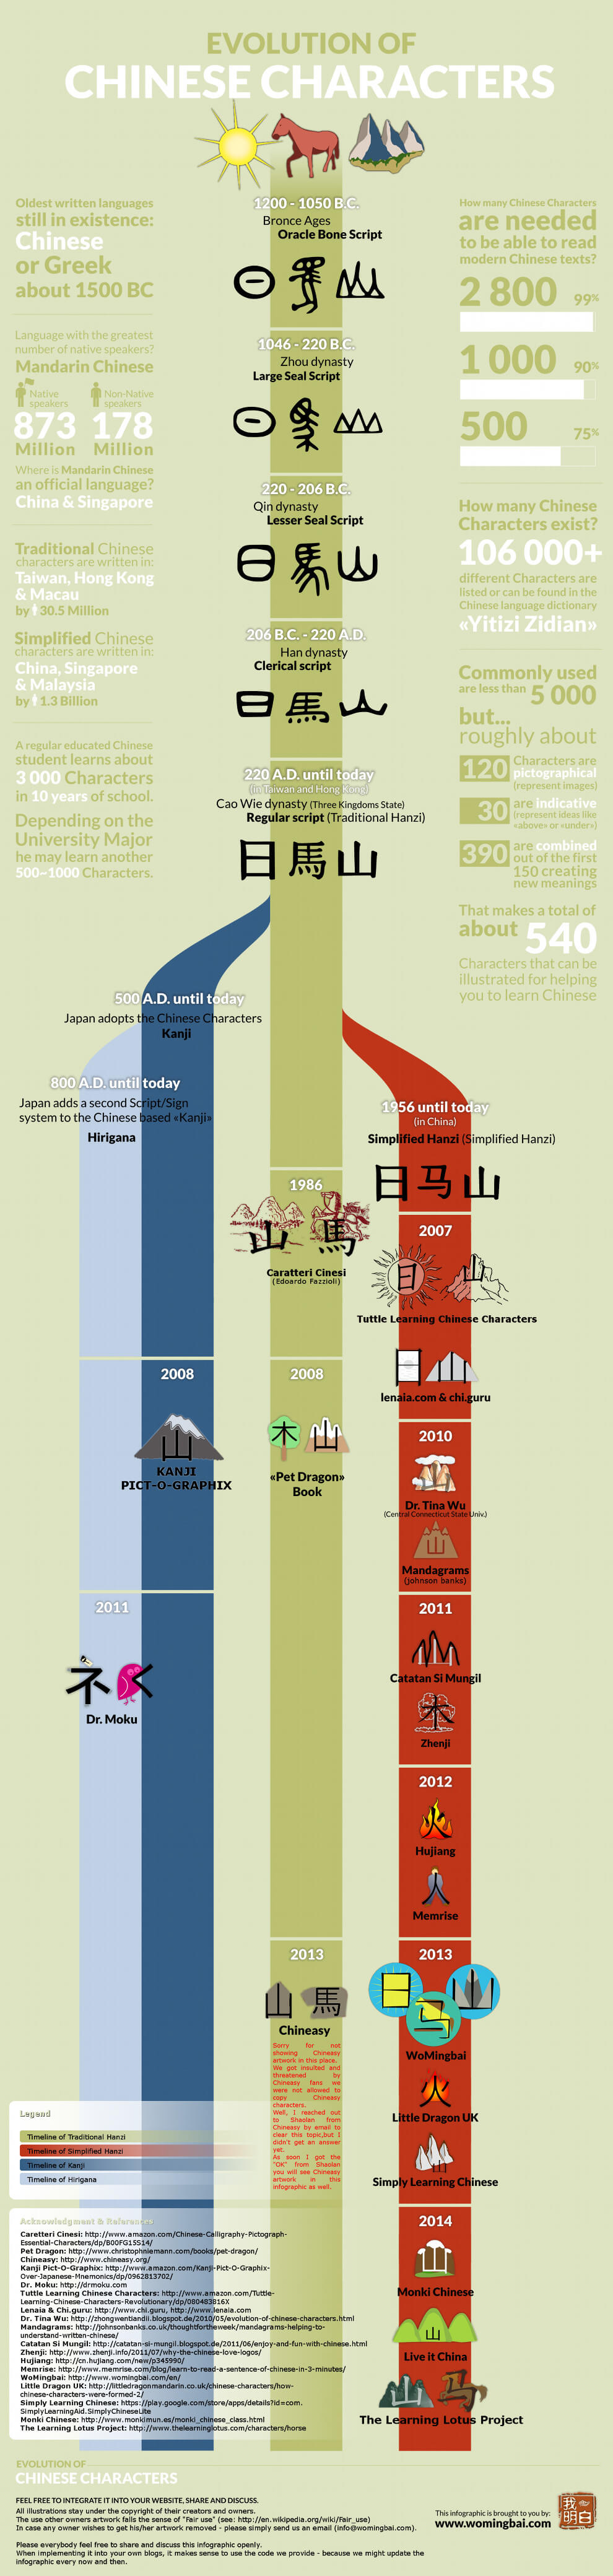 Çince karakterlerinin evrimi ltl